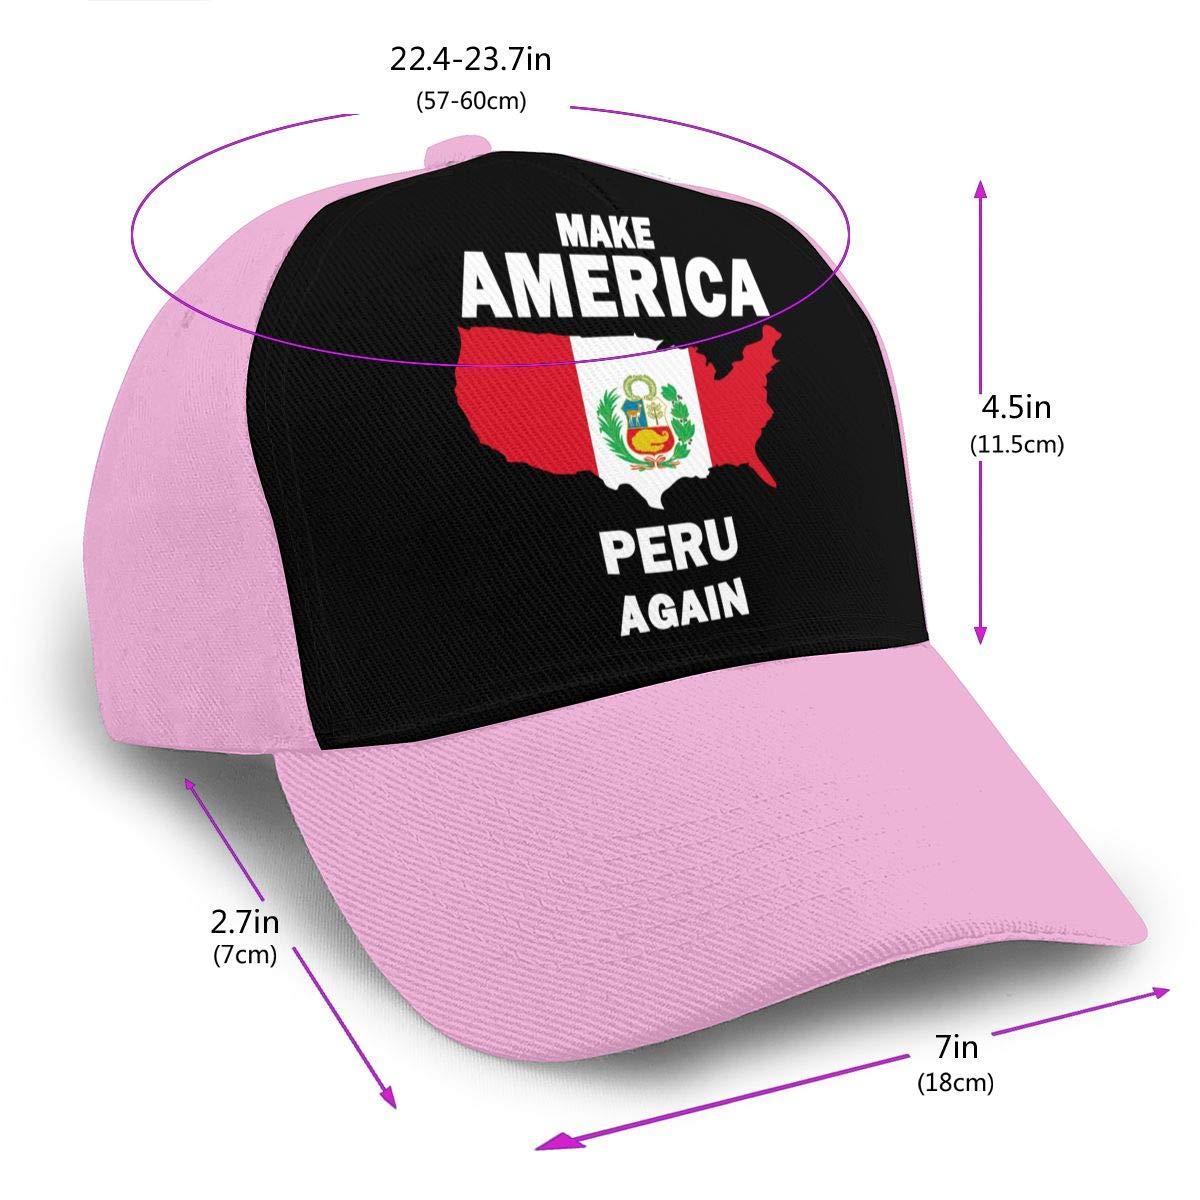 Make America Peru Again Peaked Cap for Unisex Cotton Cricket Cap